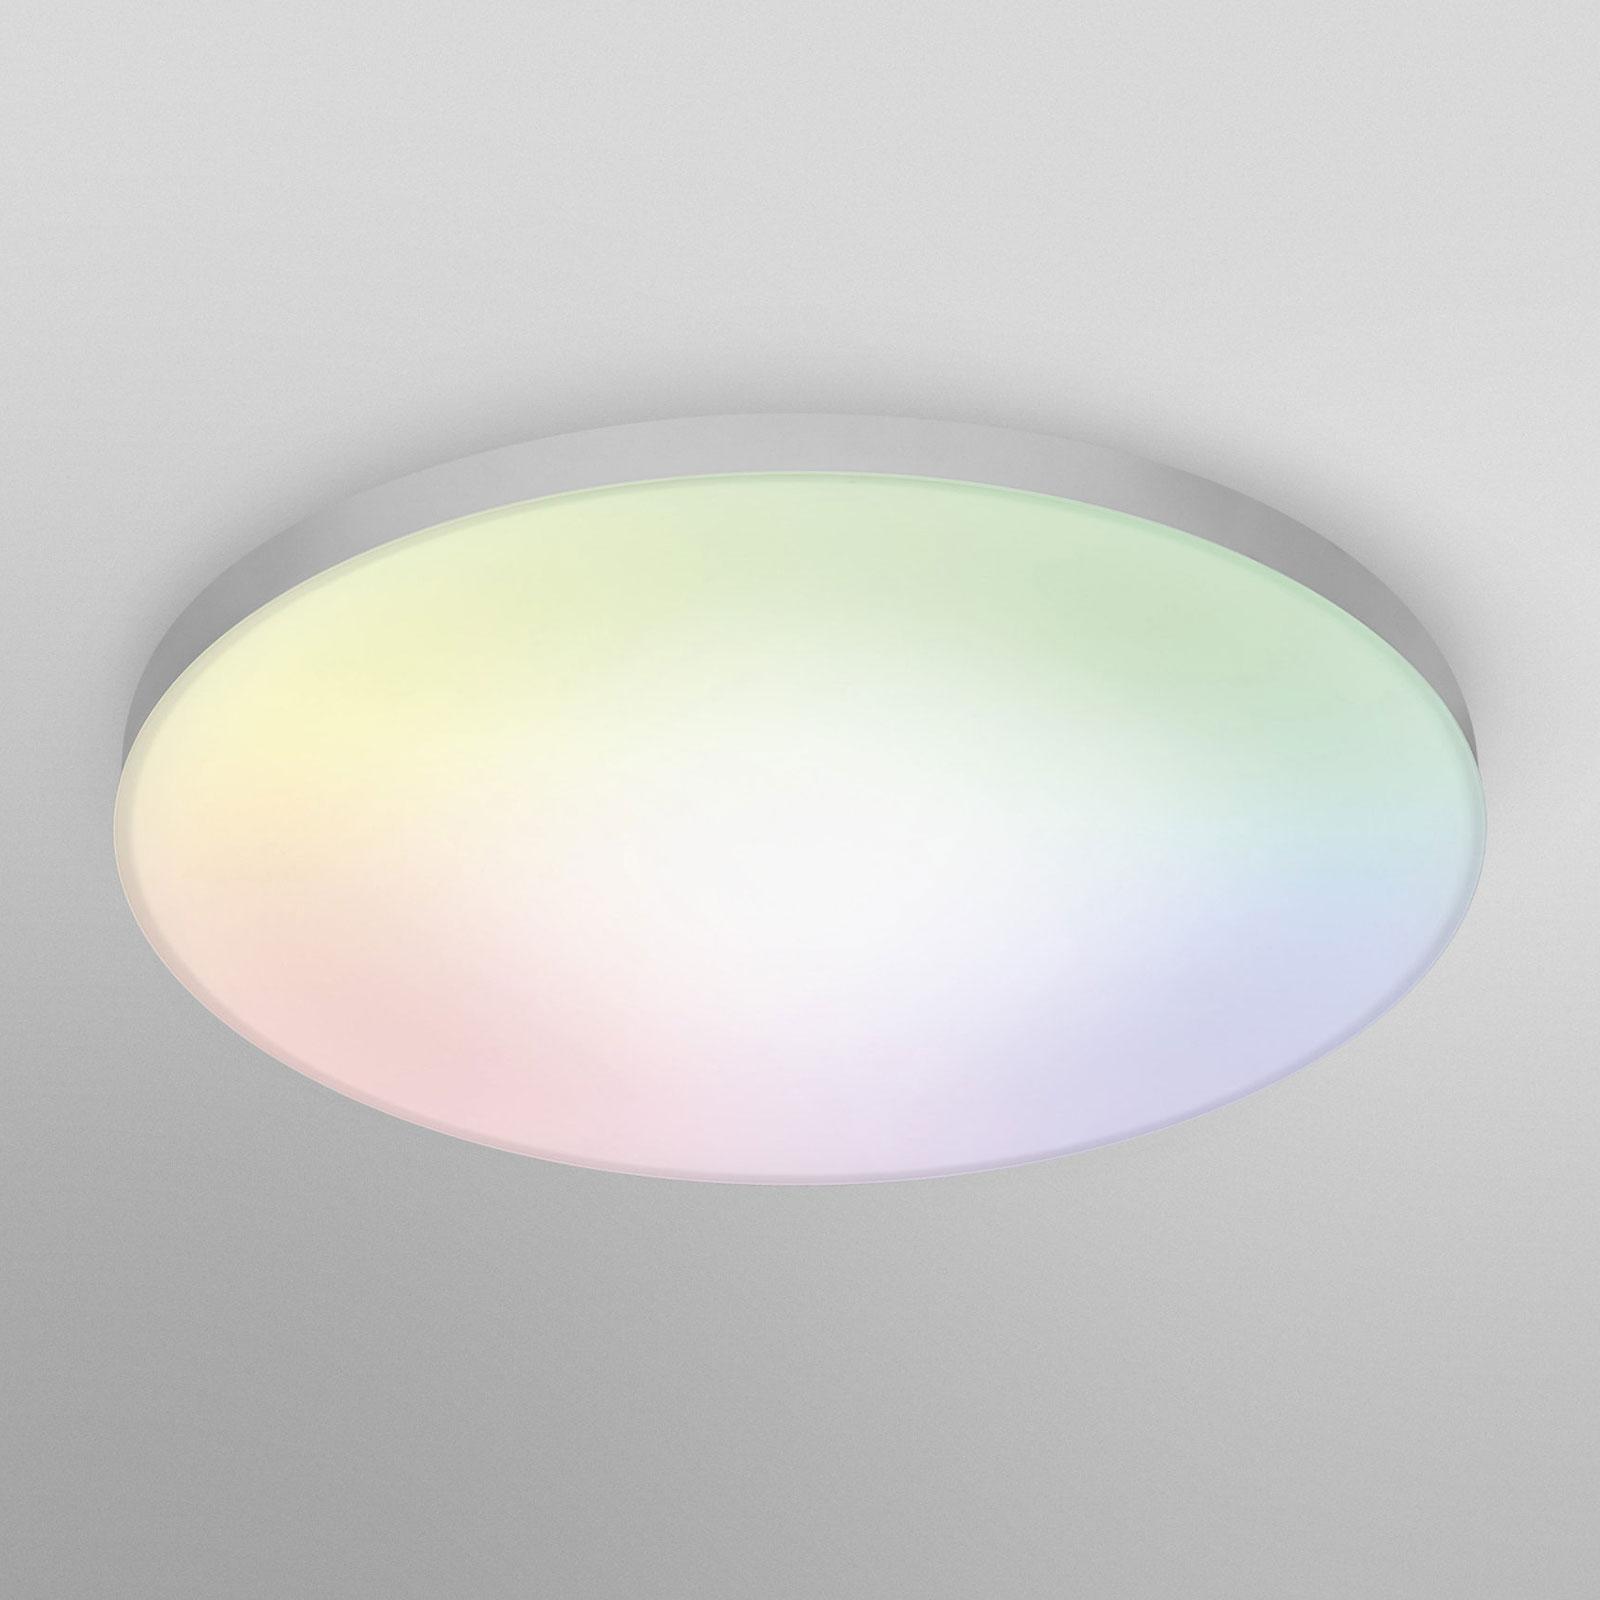 LEDVANCE SMART+ WiFi Planon LED-panel RGBW Ø30cm